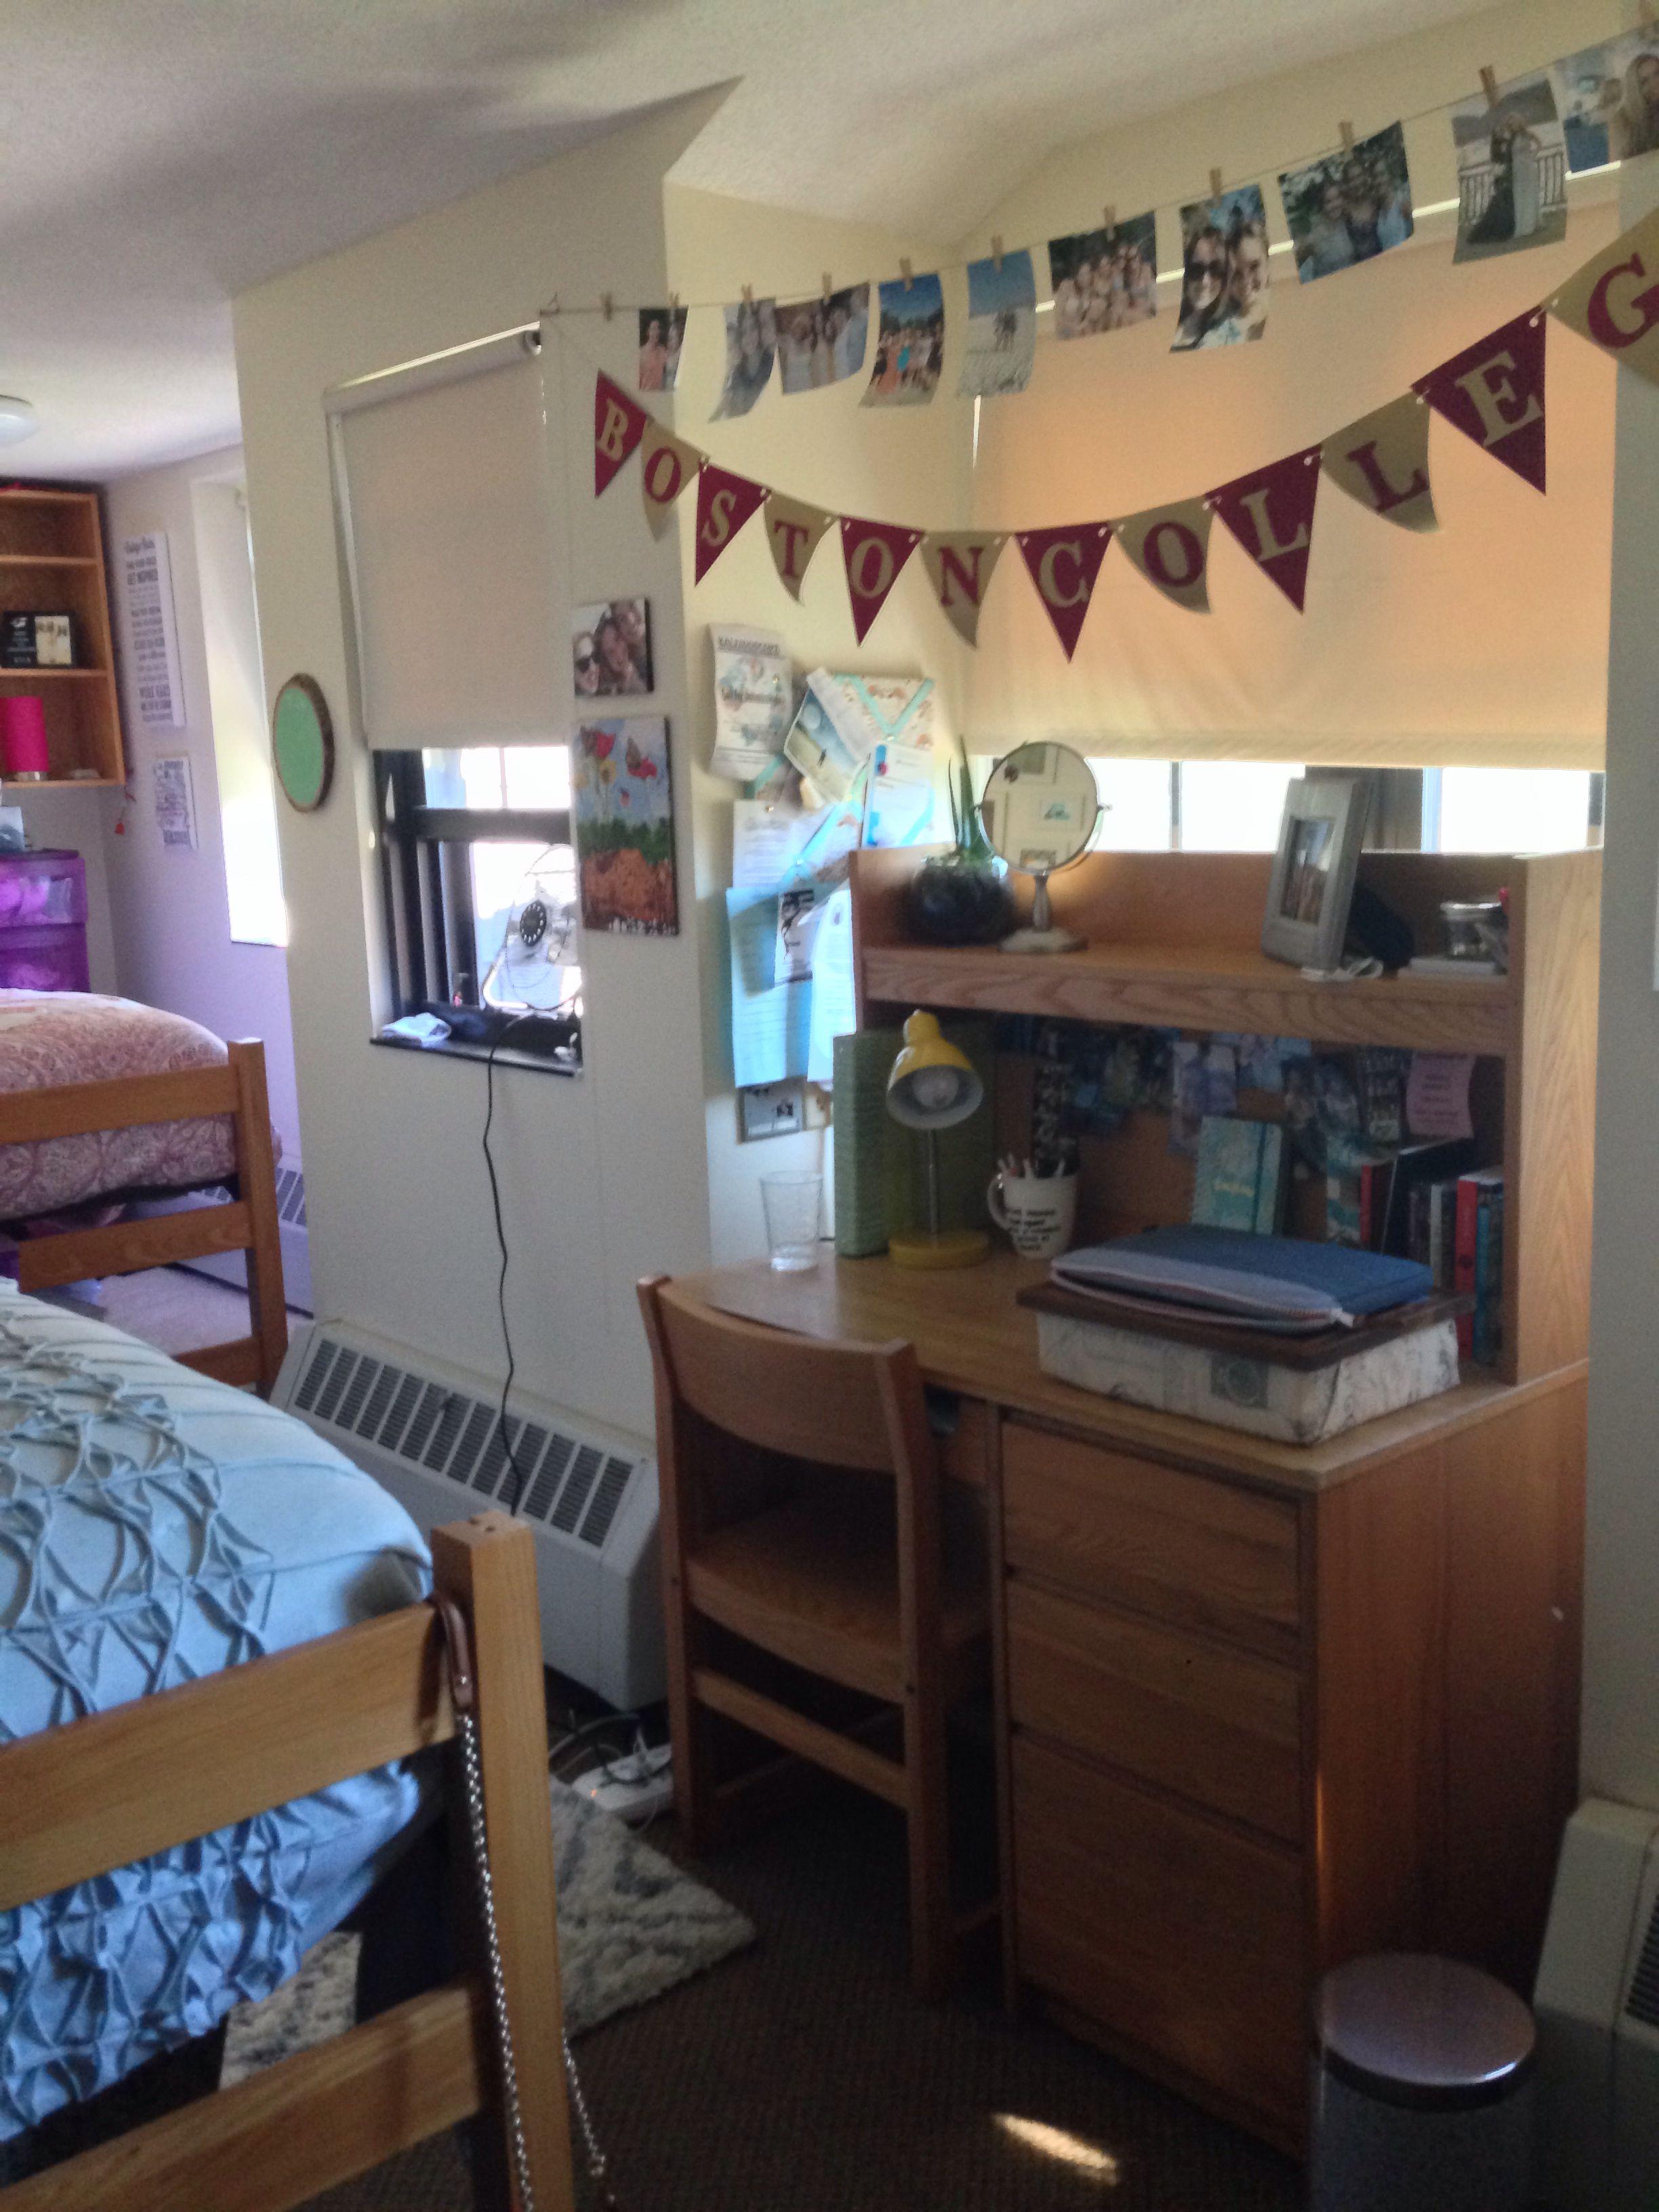 Student Dorm Room: Dorm Room, Dorm, Room